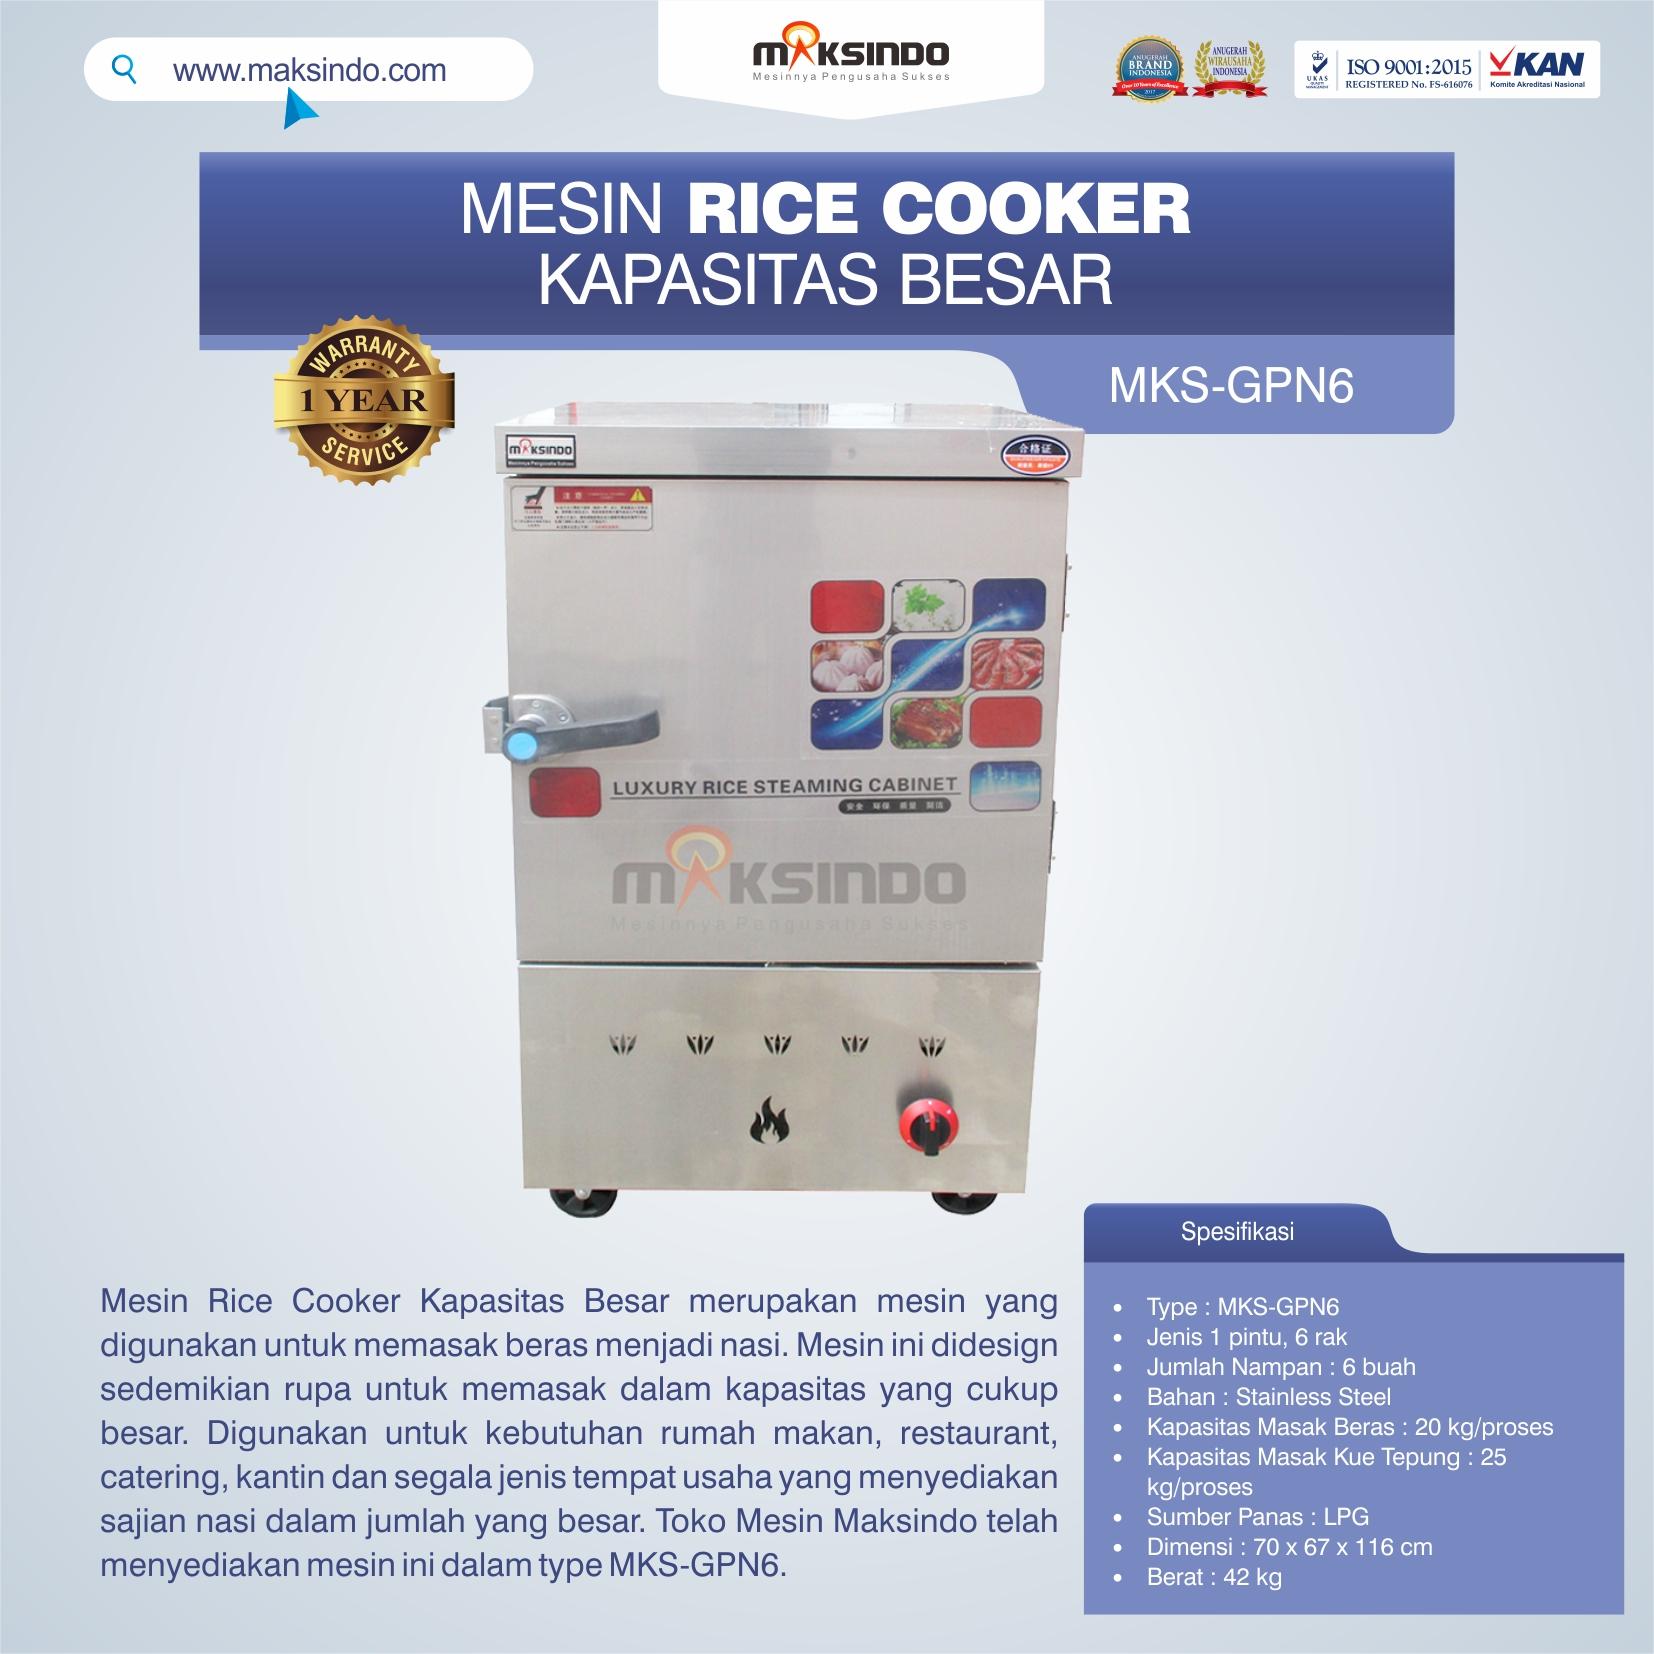 Jual Mesin Rice Cooker Kapasitas Besar MKS-GPN6 di Makassar